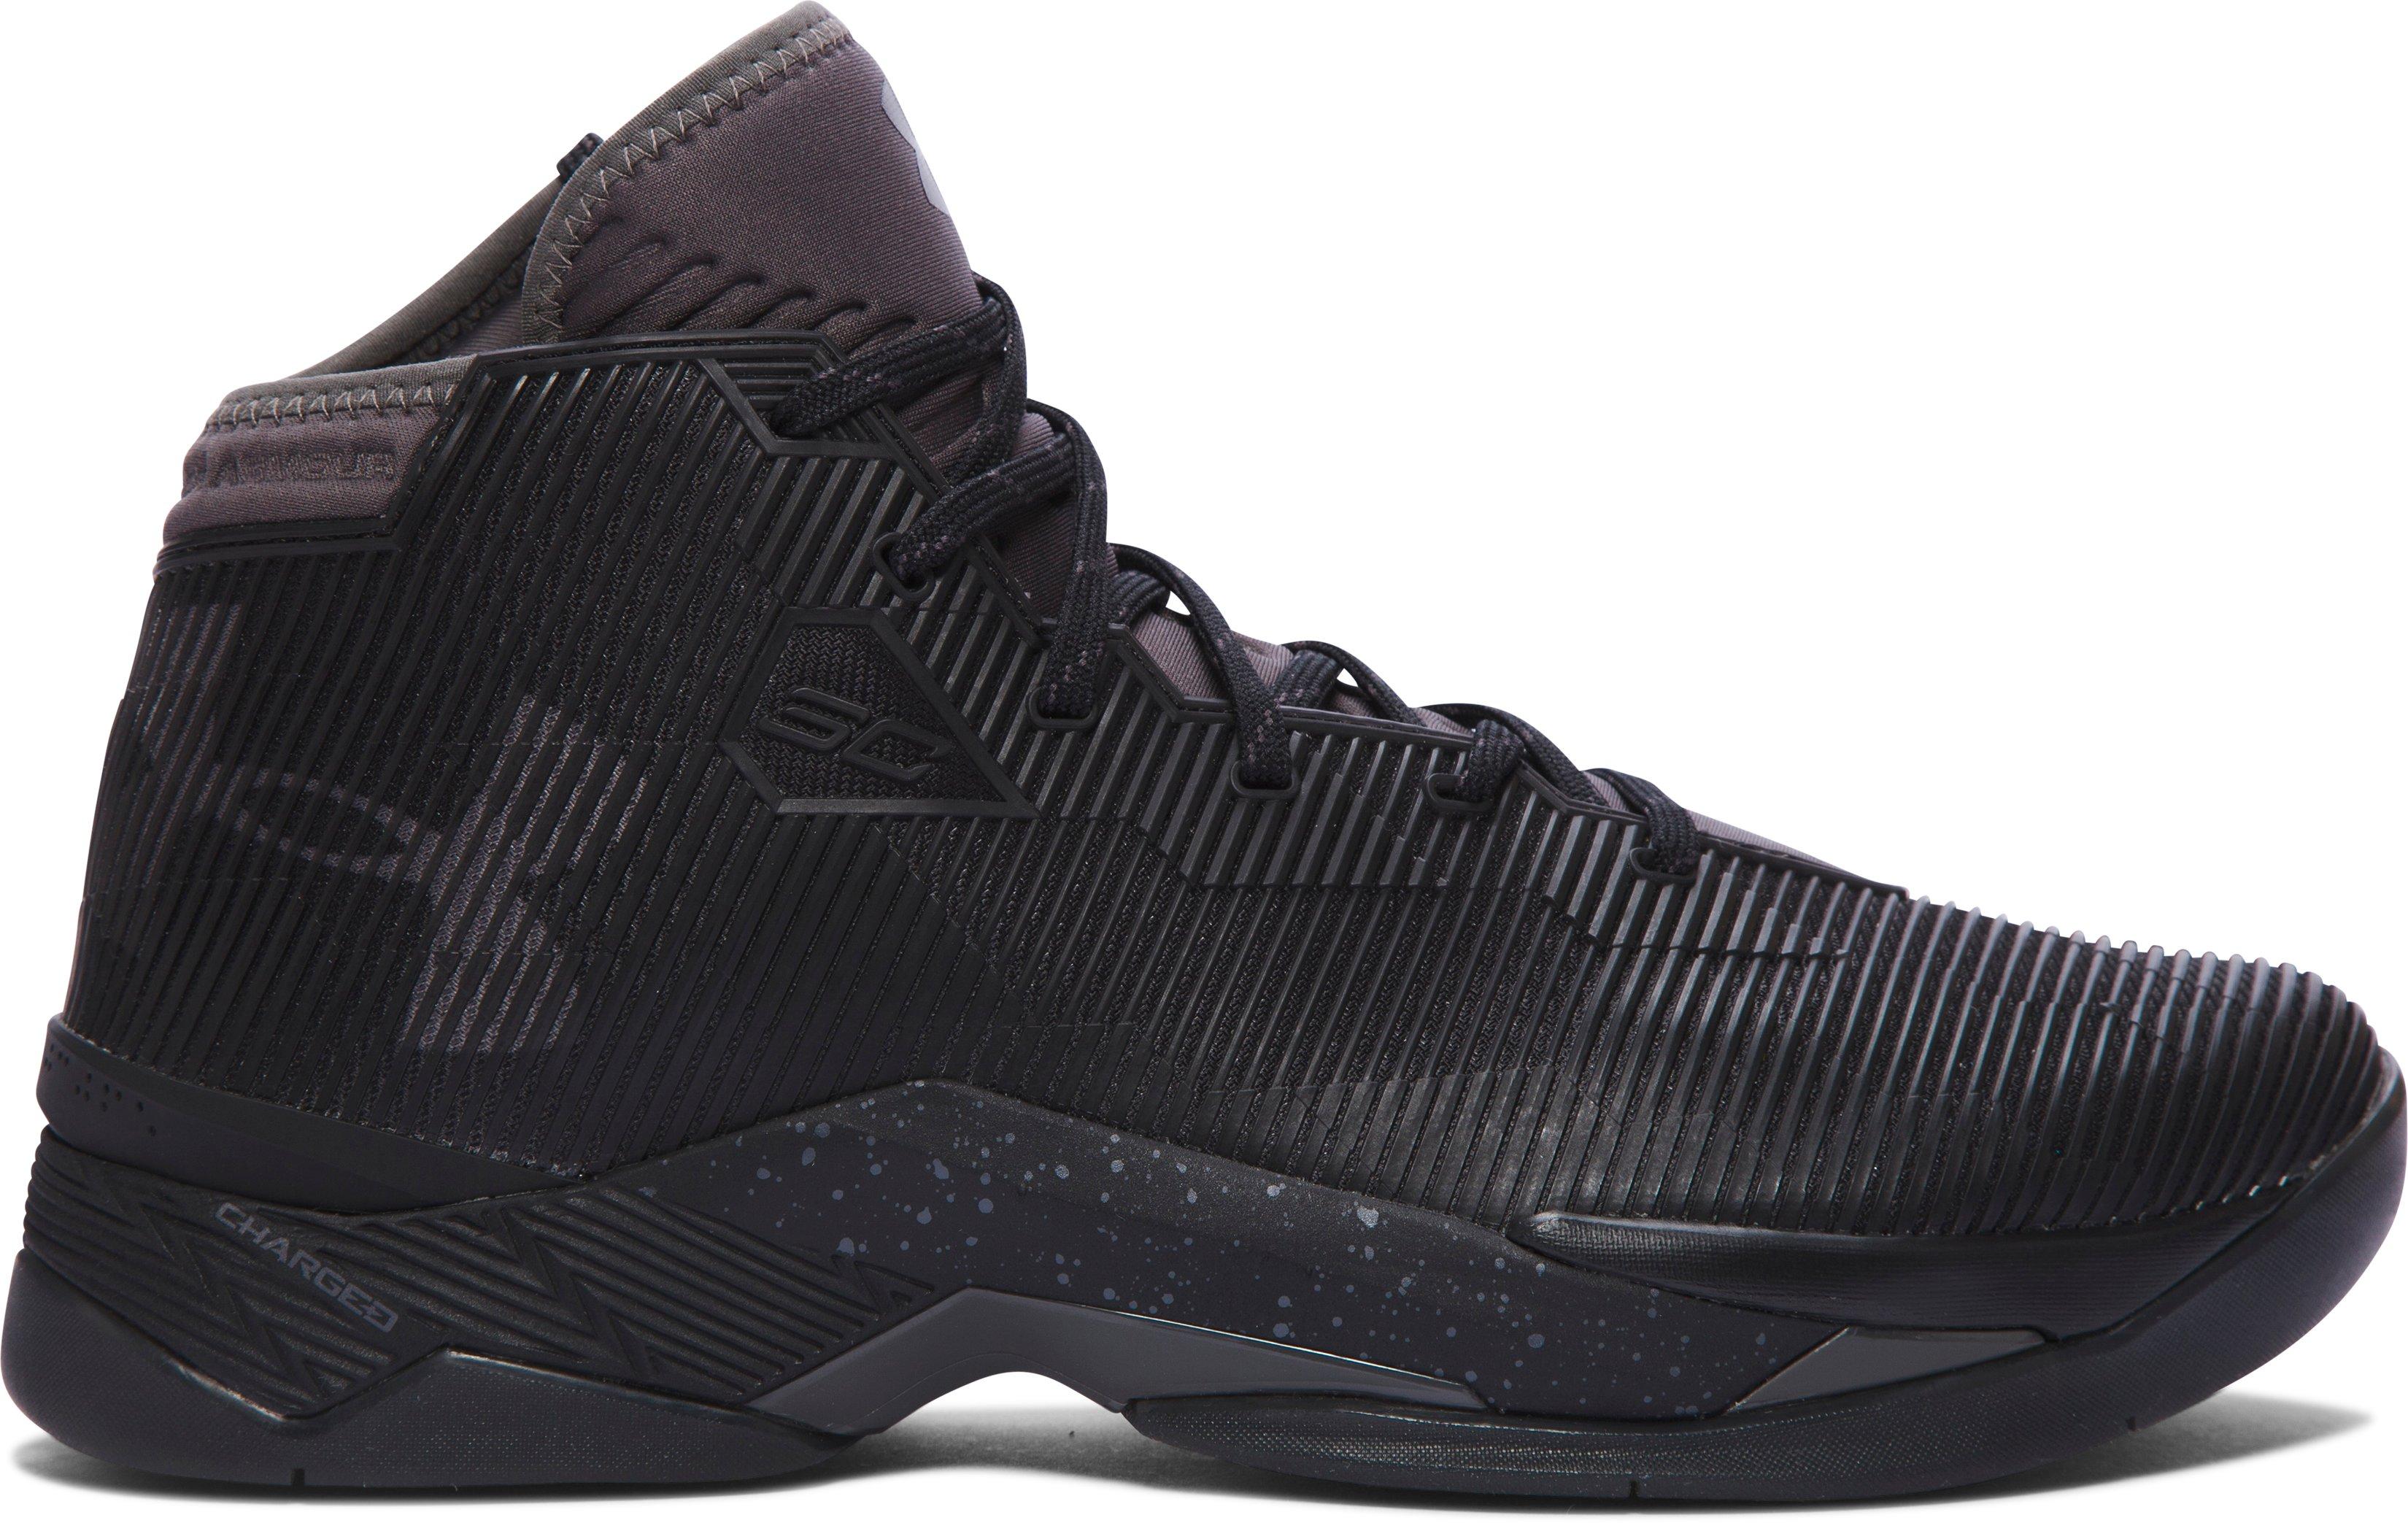 Under Armour Men's UA Curry 2.5 Black/Charcoal/Charcoal Sneaker 13 D (M) d1i7Ie8VRj